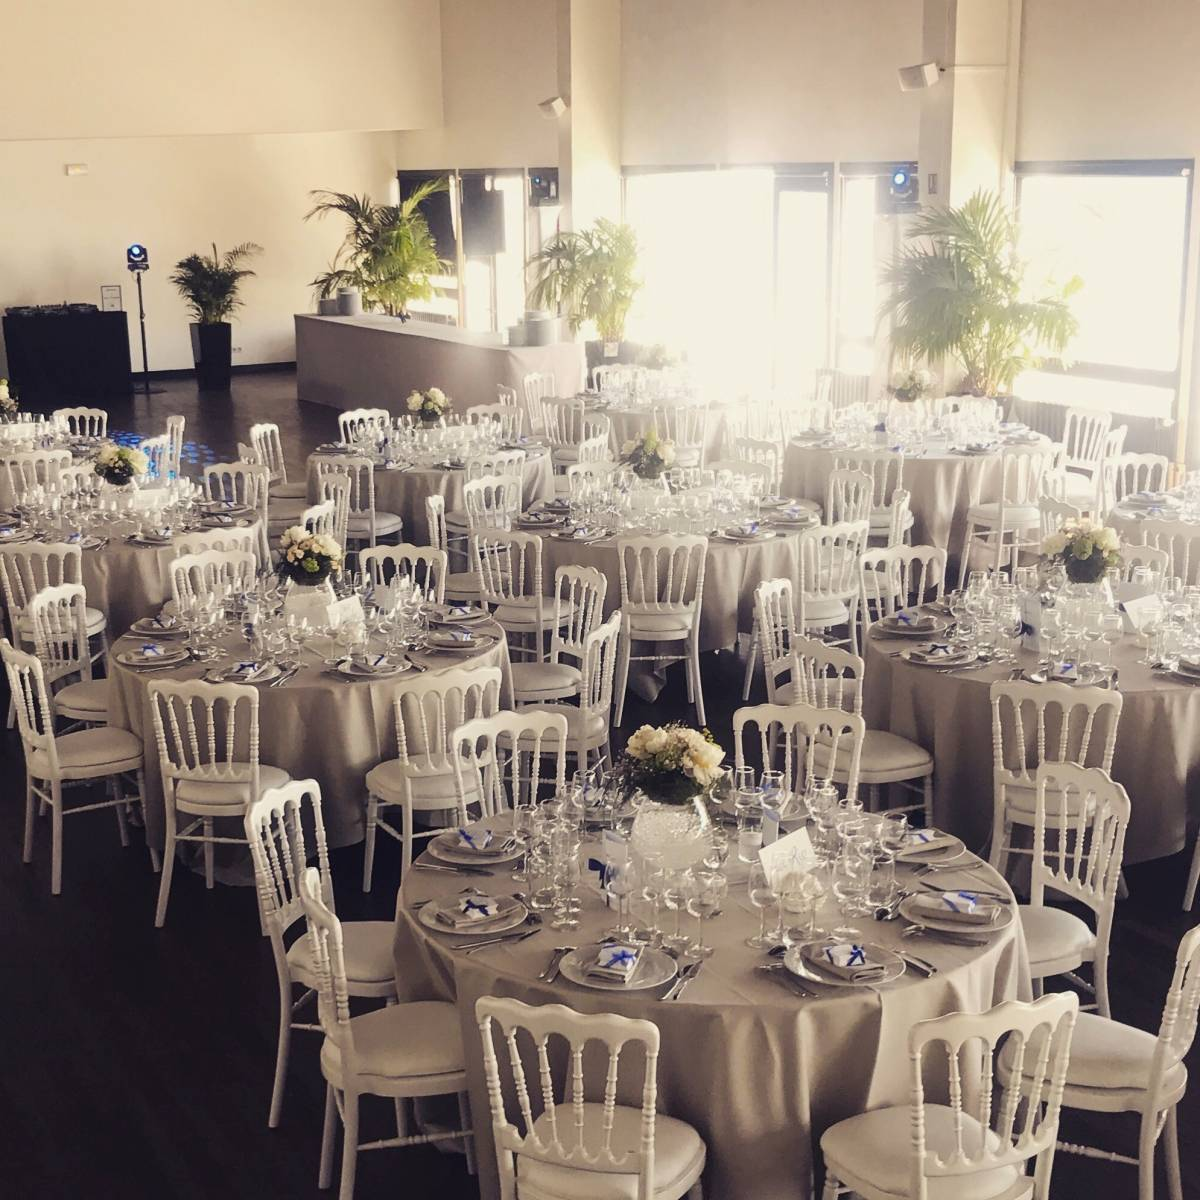 Organiser une soir e de gala a rouen agence v nementielle au havre organisation mariage - Organiser une soiree romantique ...